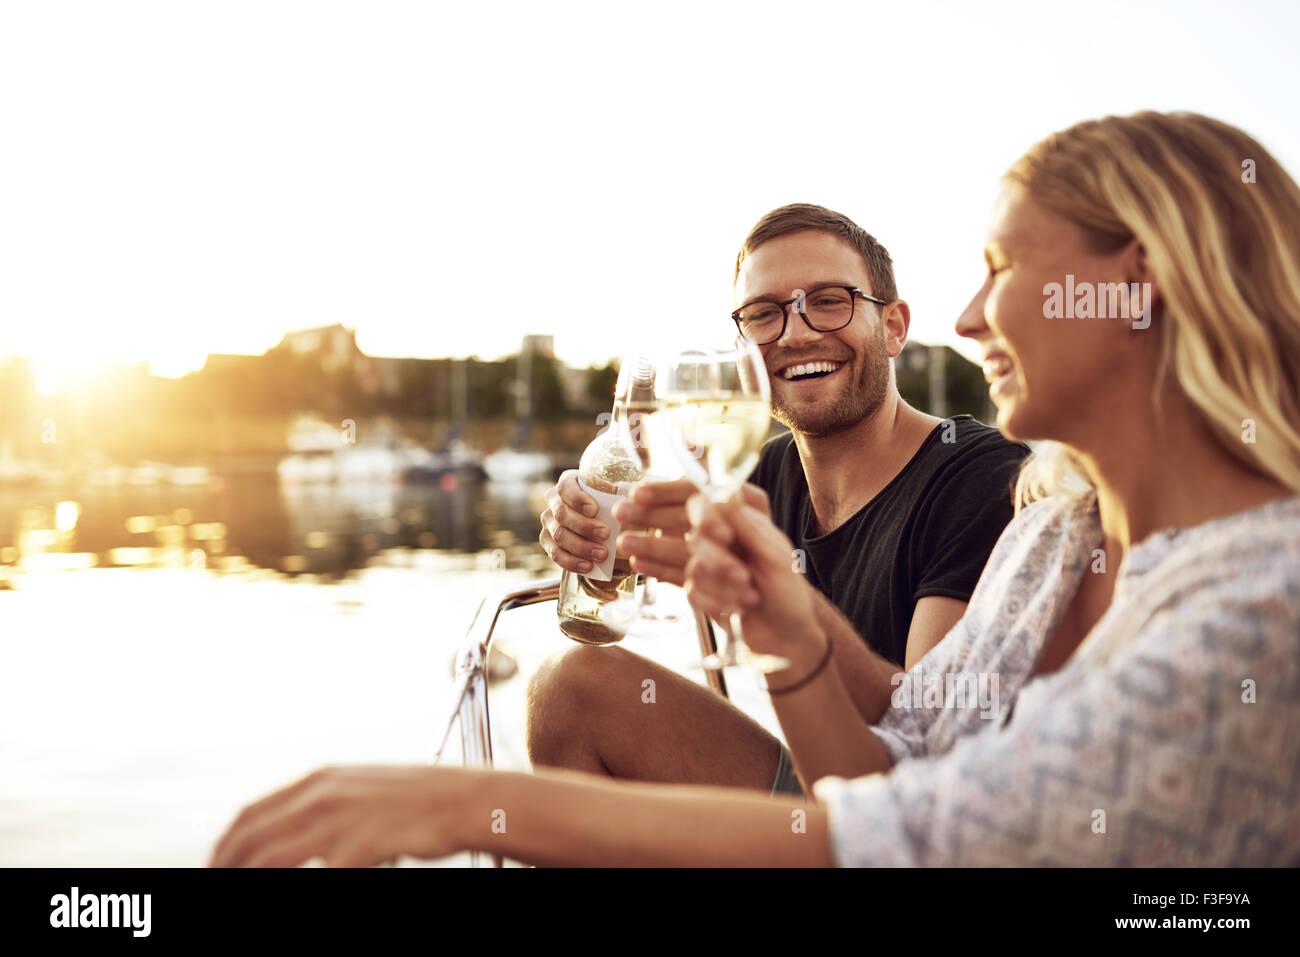 Glückliches Paar toasten Gläser an einem sommerlichen Abend Stockbild